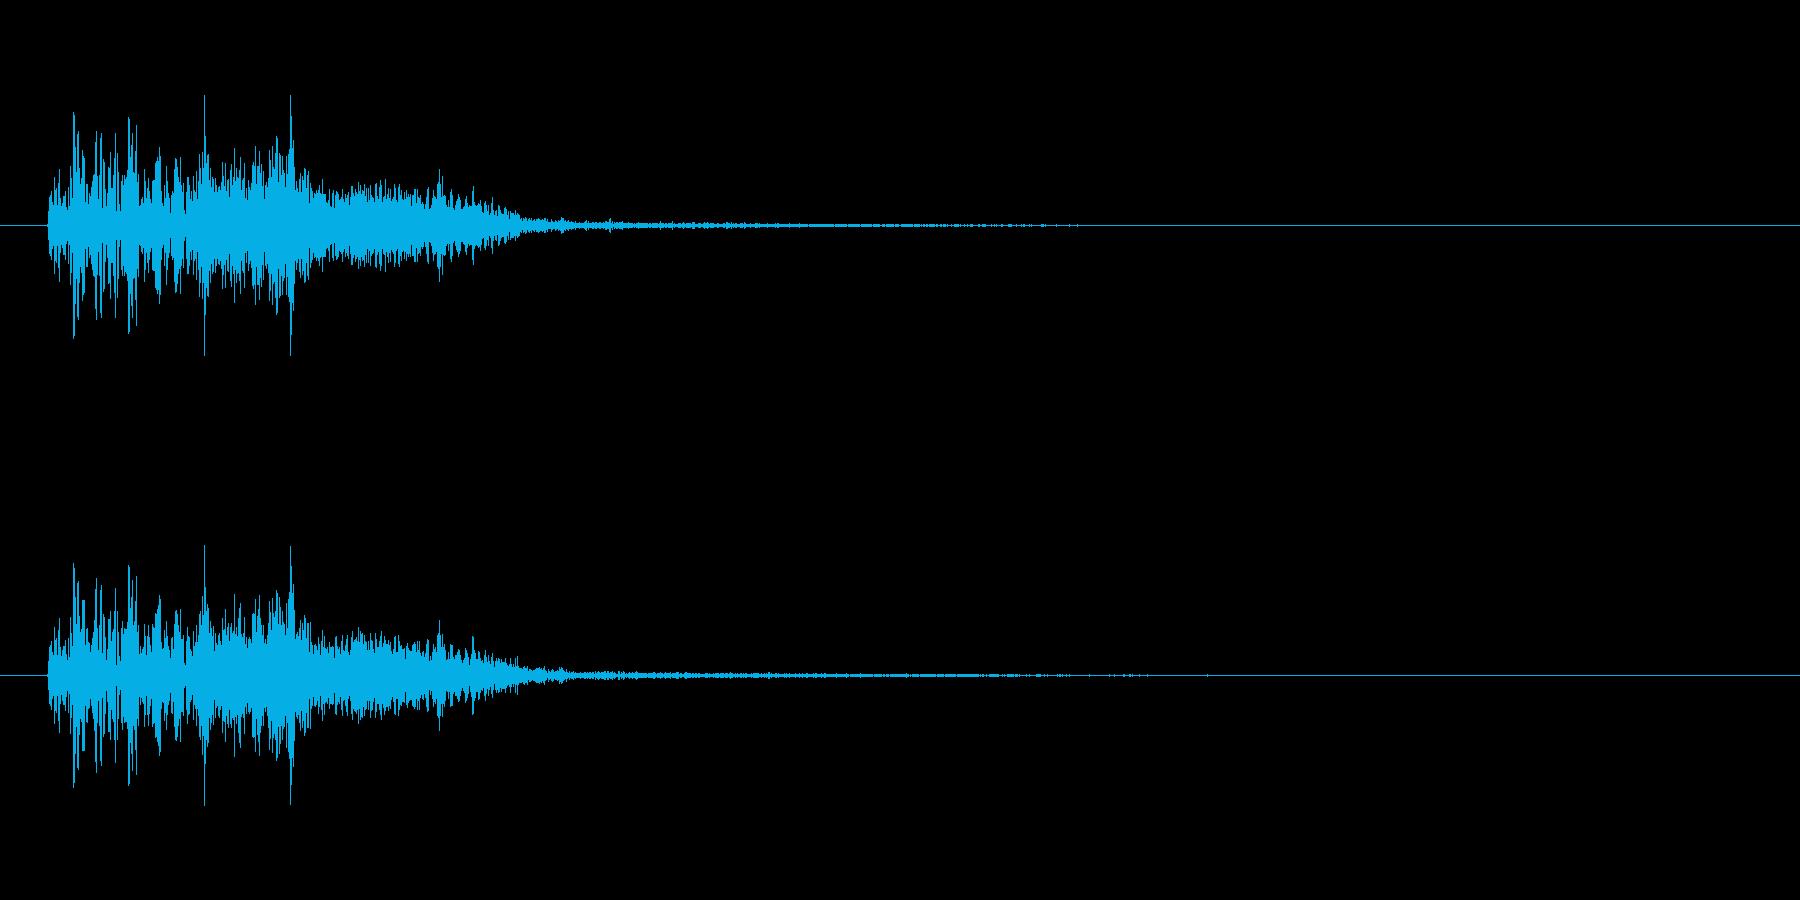 トゥルルルルル/アコギ上昇音、回復、電話の再生済みの波形